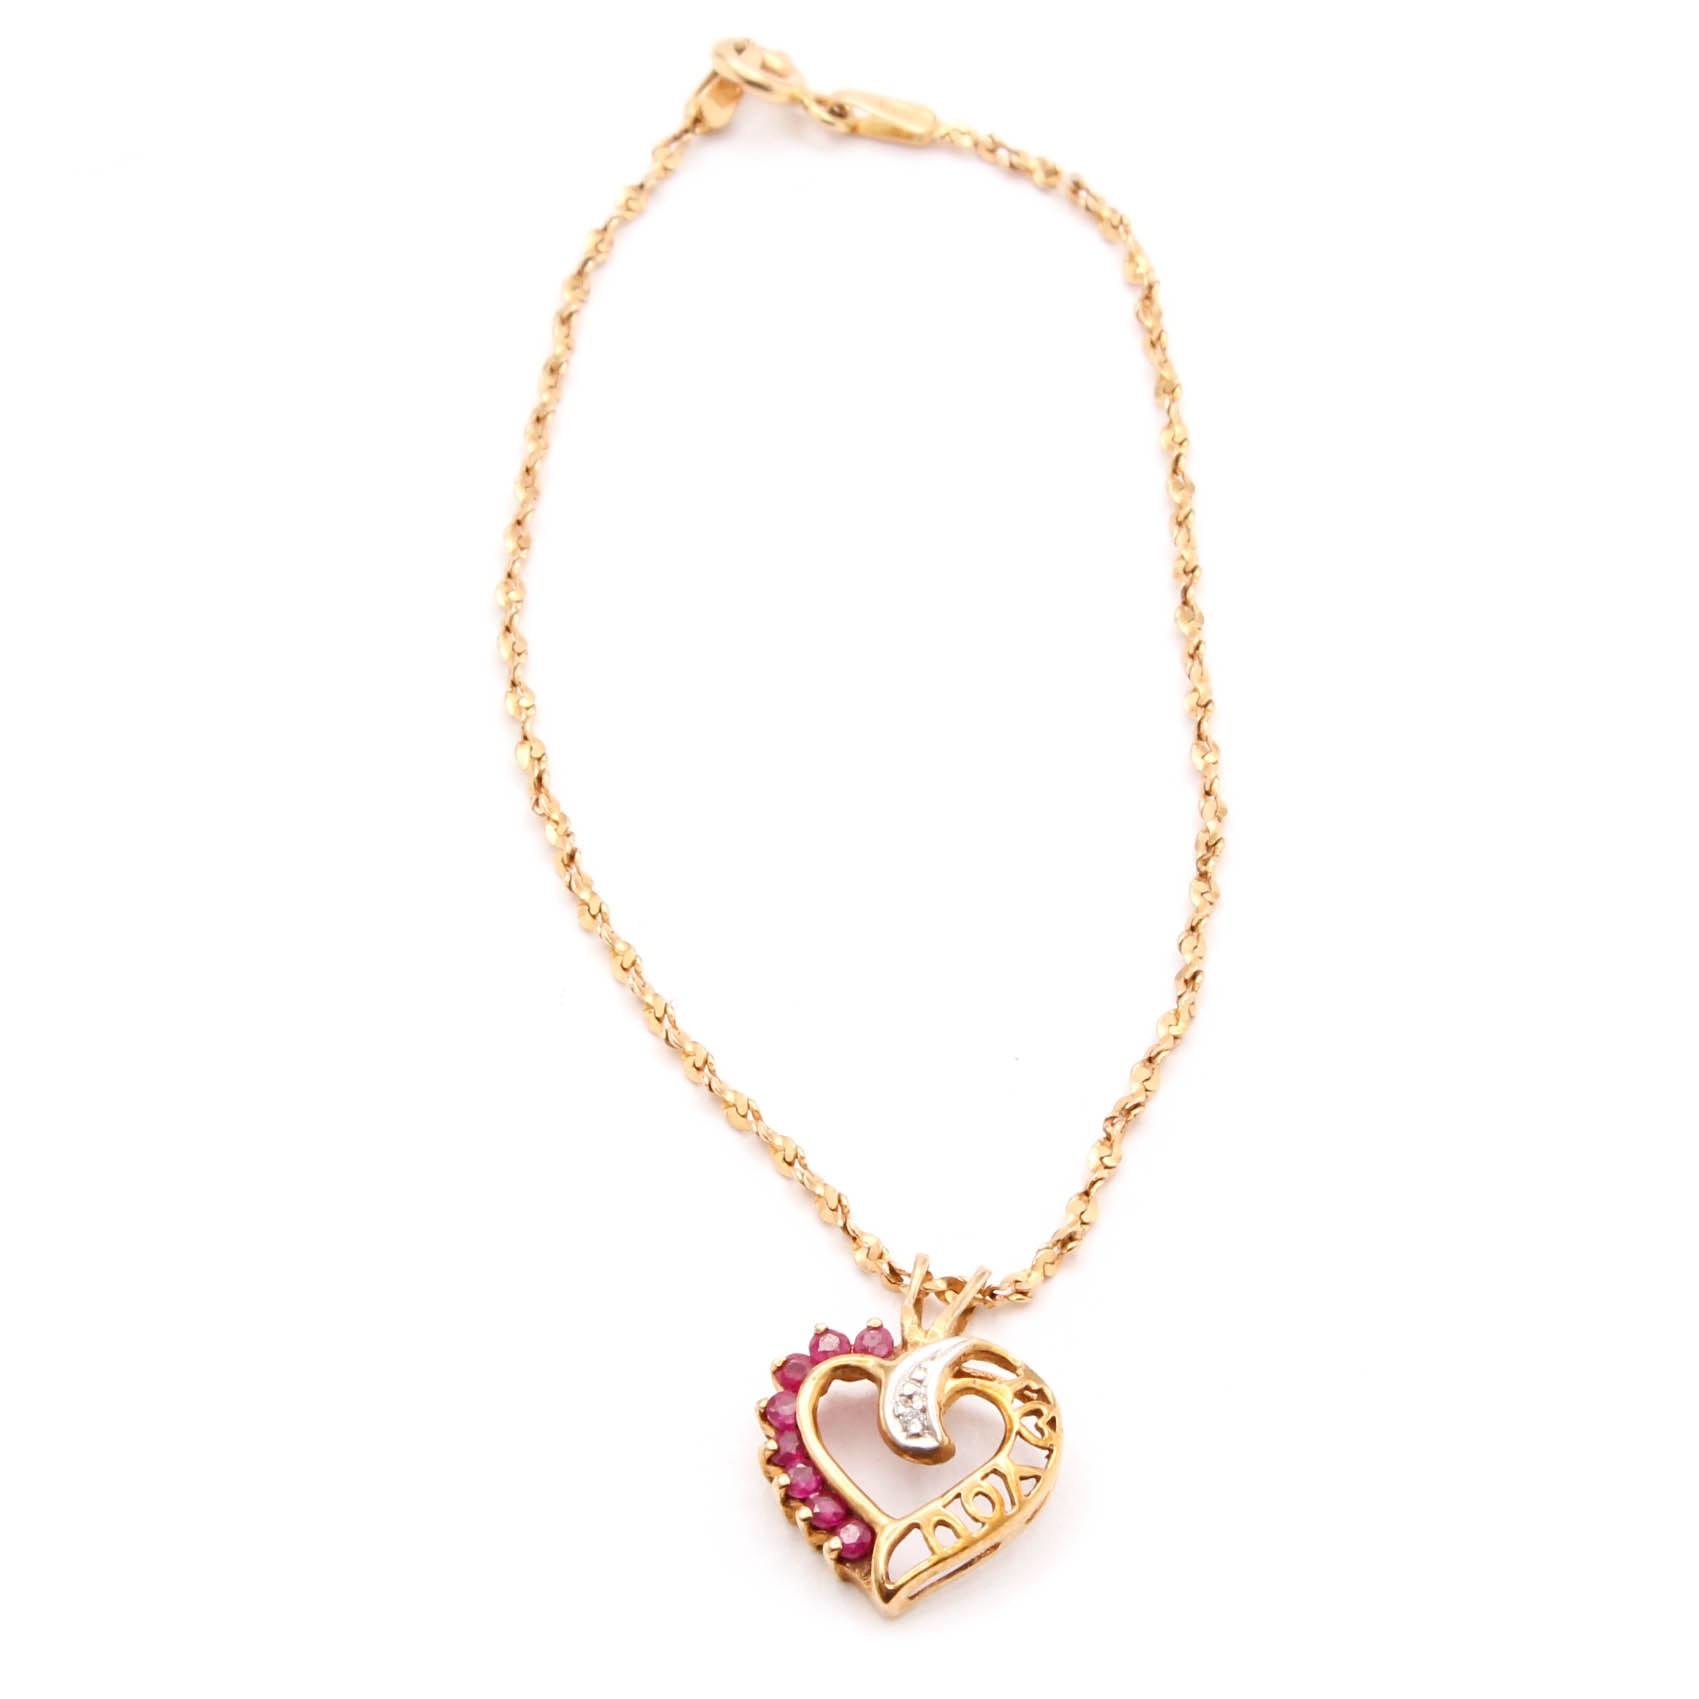 14K Gold Bracelet with 10K Gold, Ruby, and Diamond Pendant